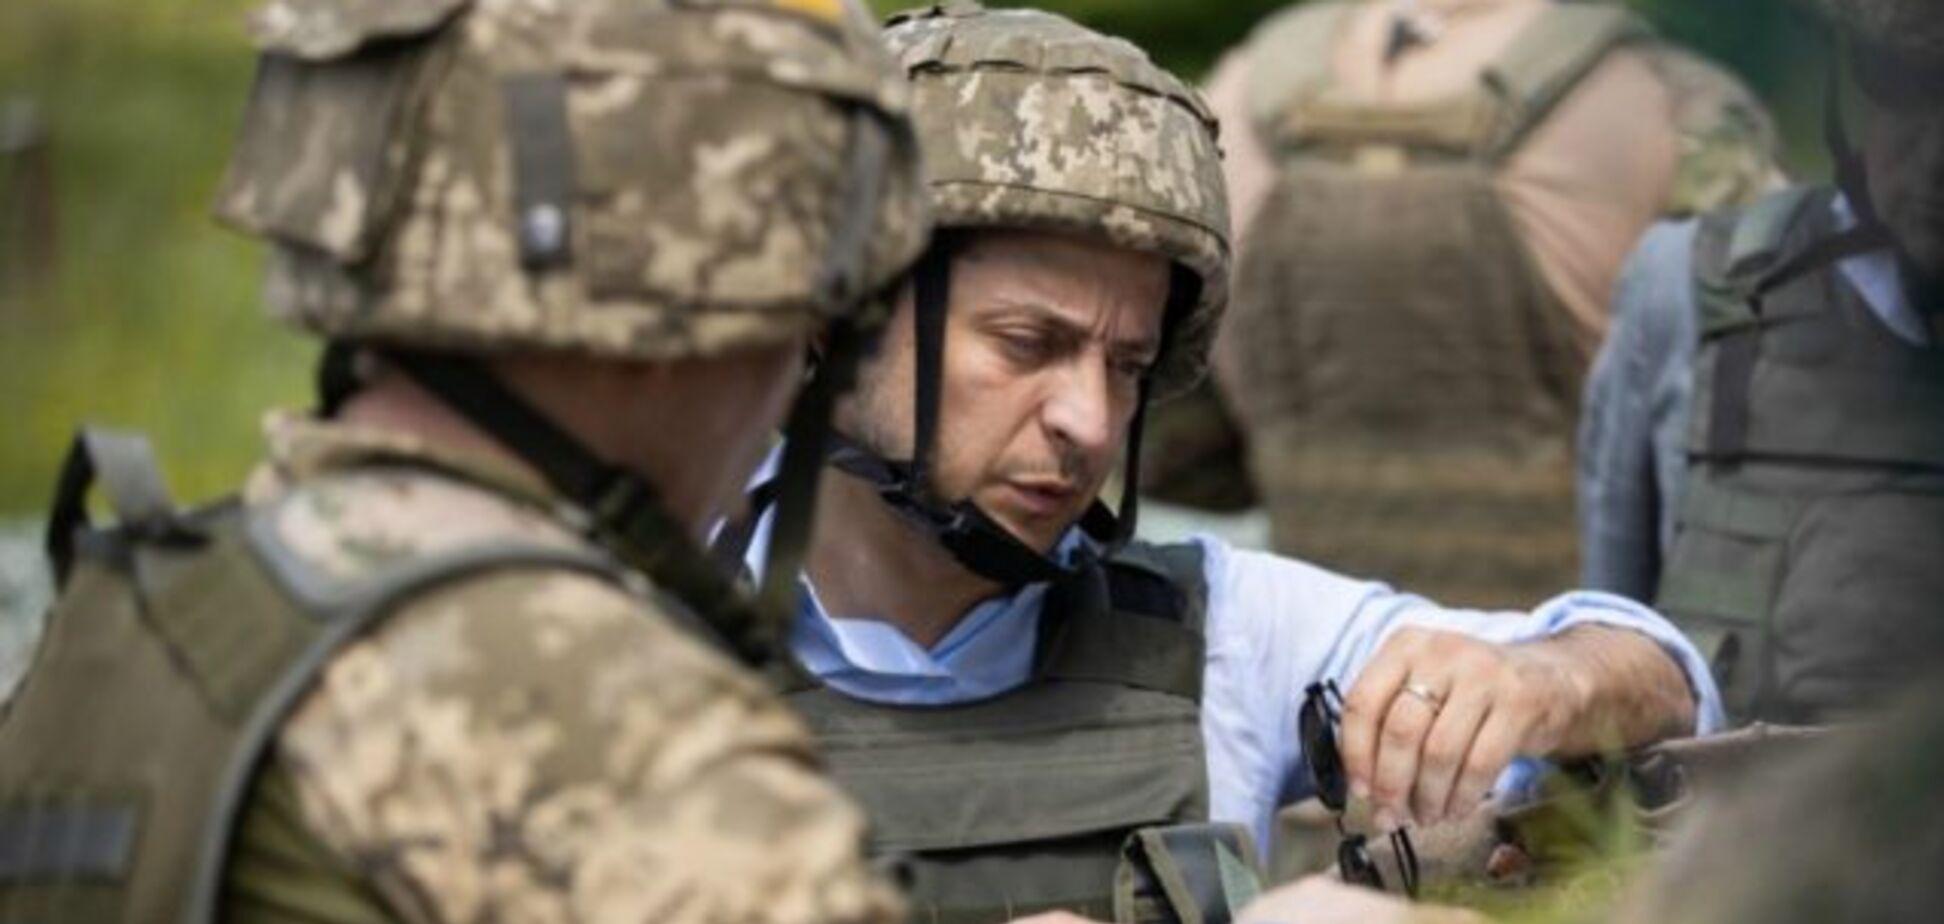 Славянск готов вернуться под флаг 'ДНР'?